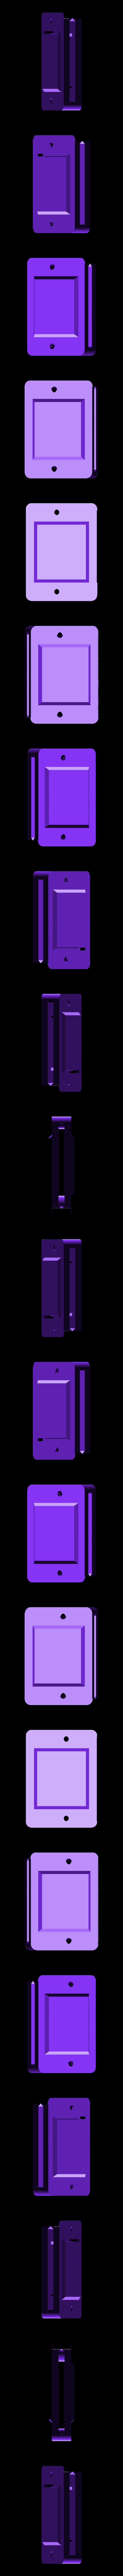 Strap_Block.stl Télécharger fichier STL gratuit Thunder Helm - Zelda Breath of The Wild • Plan pour imprimante 3D, Adafruit